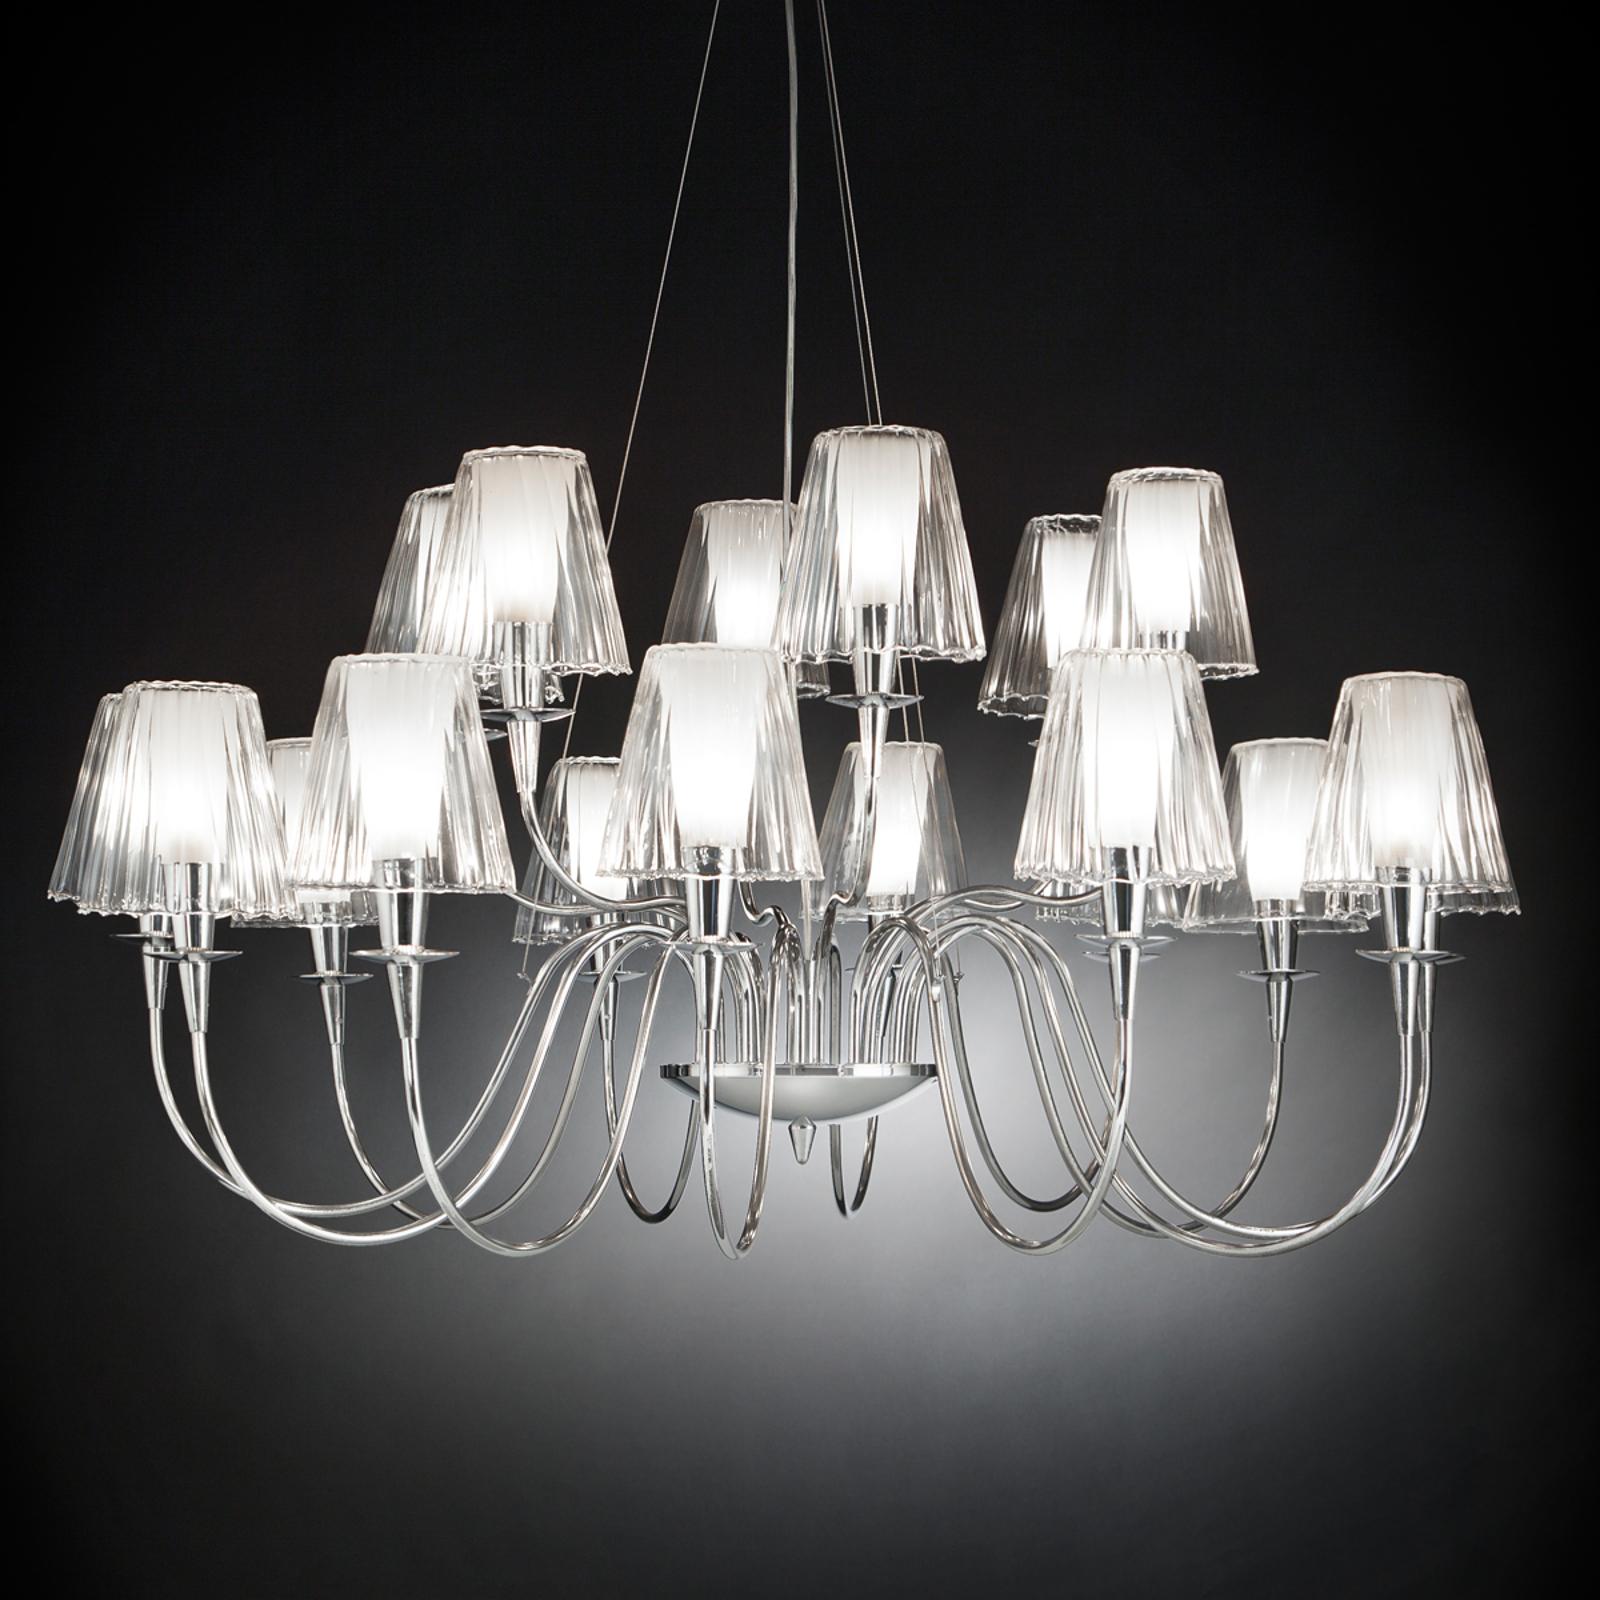 18-lamps kroonluchter Opera met glazen kappen